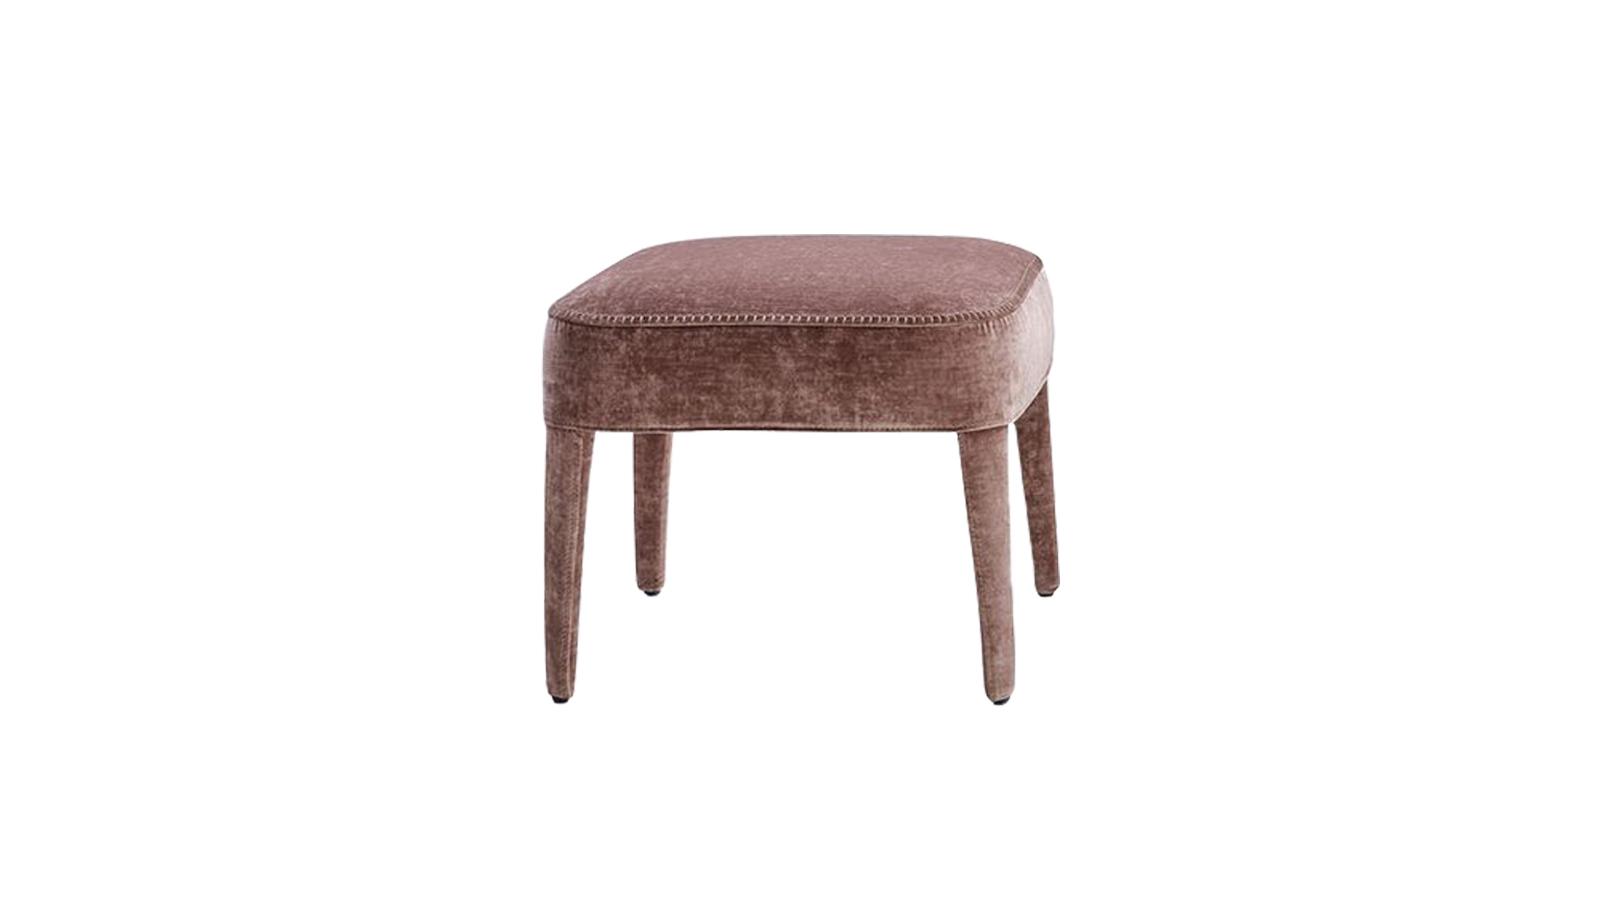 A Febo bútorcsaládba székek, puffok és kanapék széles választéka tartozik. Foteleik, melyek háttámlájukban térnek el egymástól, a klasszikus esztétikát idézik minimalista, modern csavarral. Ezek kiegészítői a szintén barokkos eleganciát, letisztult stílust és maximális minőséget képviselő lábtartók.